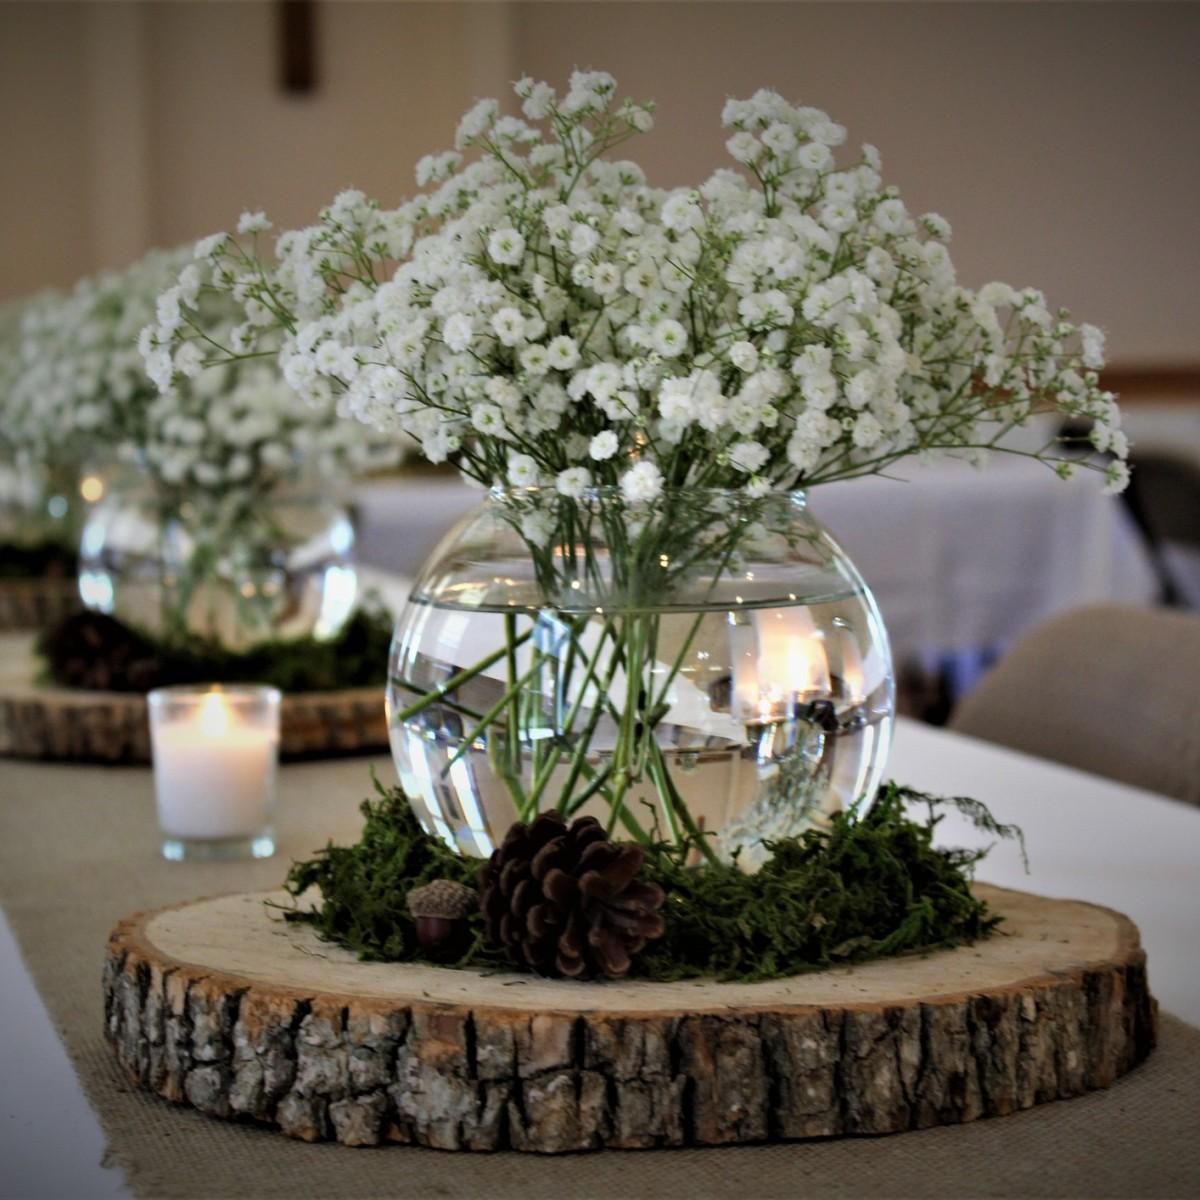 Wedding Centerpiece Ideas | ThriftyFun